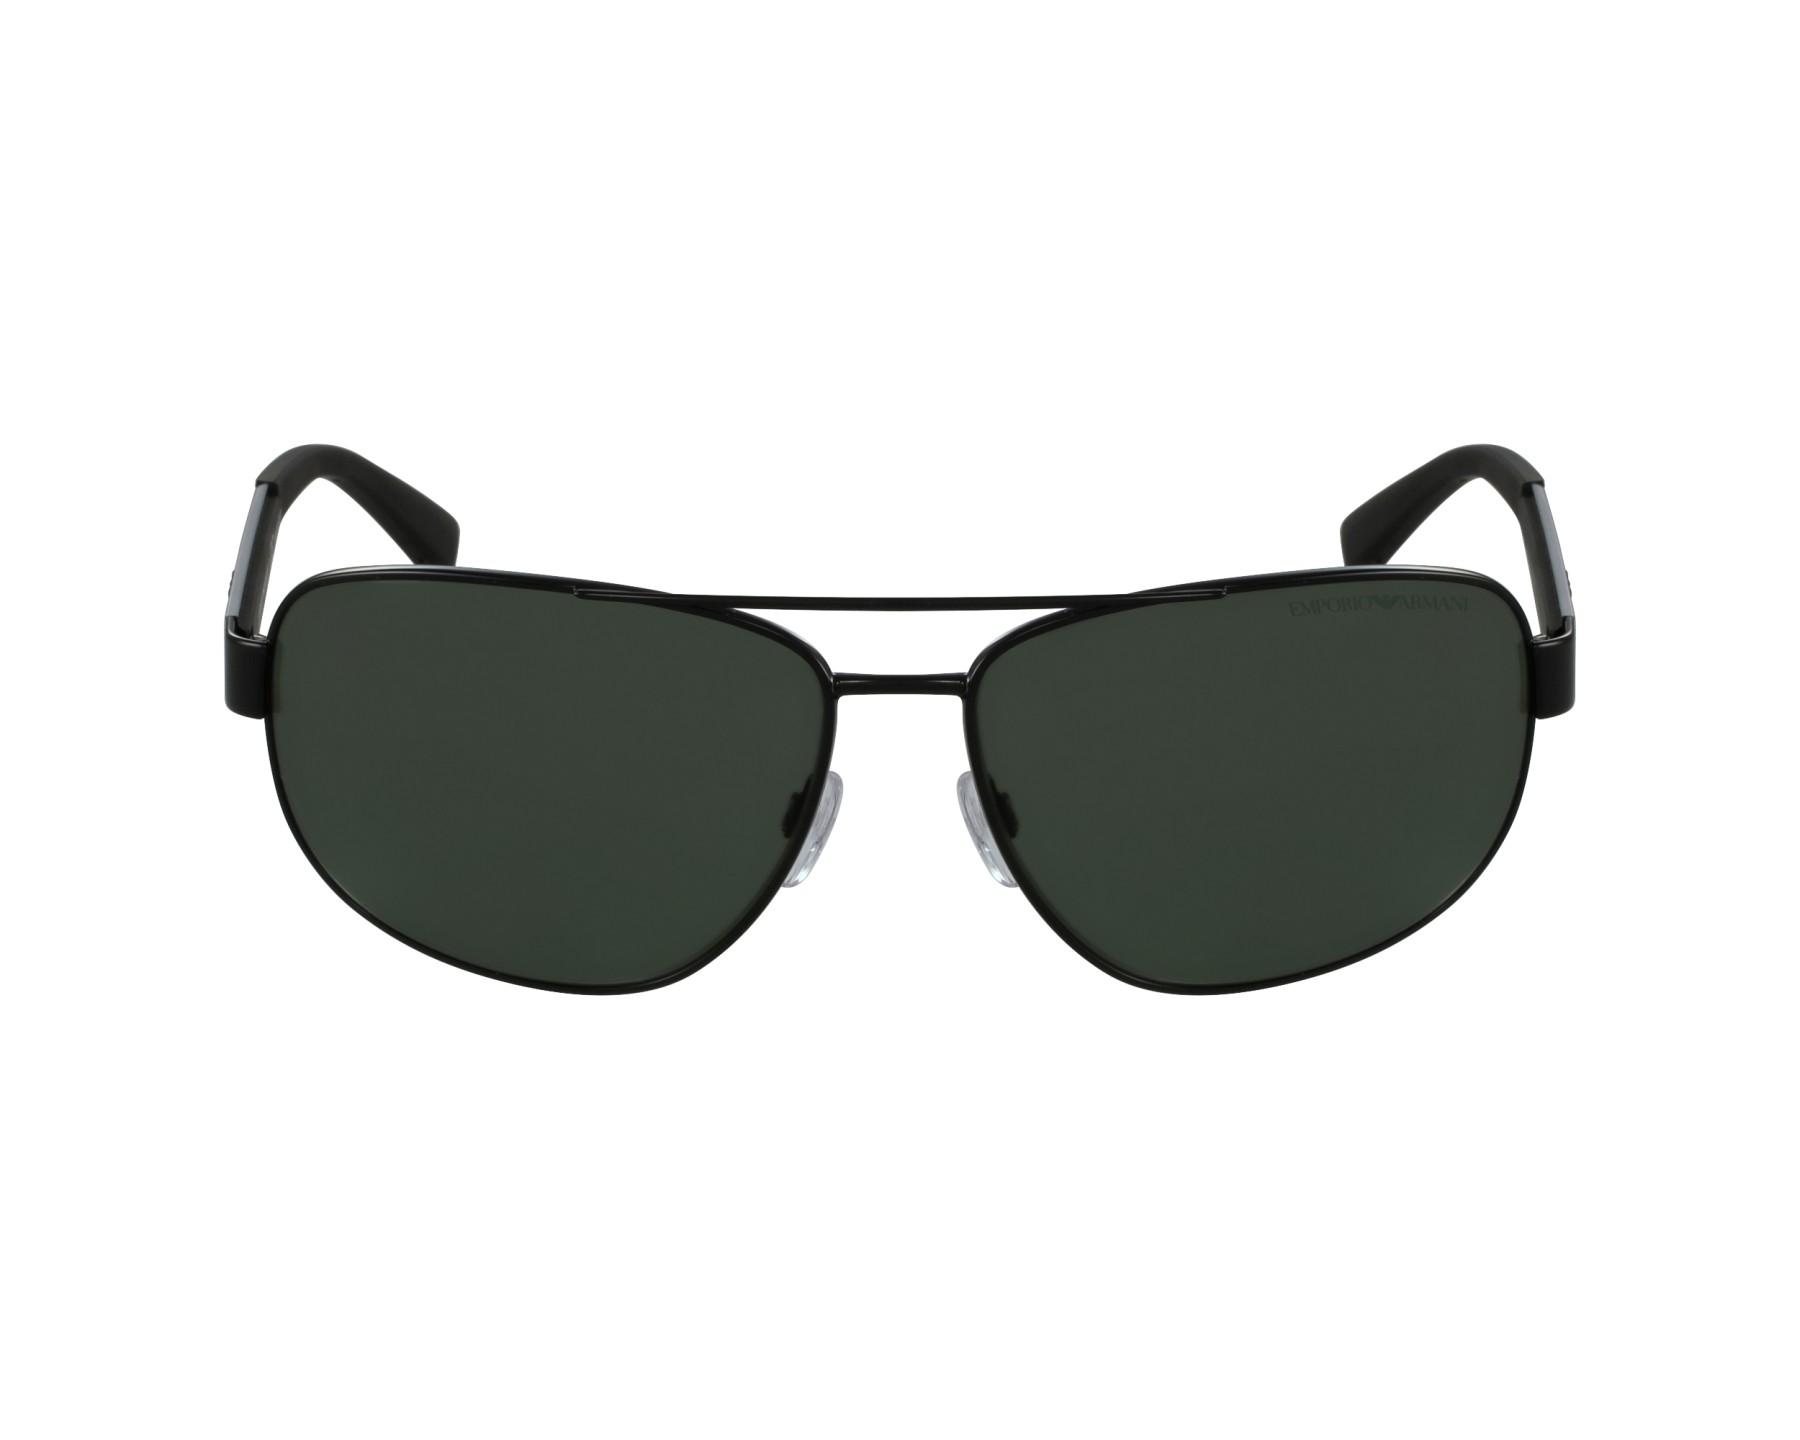 e50a5fe1f21 Ray Ban Armani Sunglasses